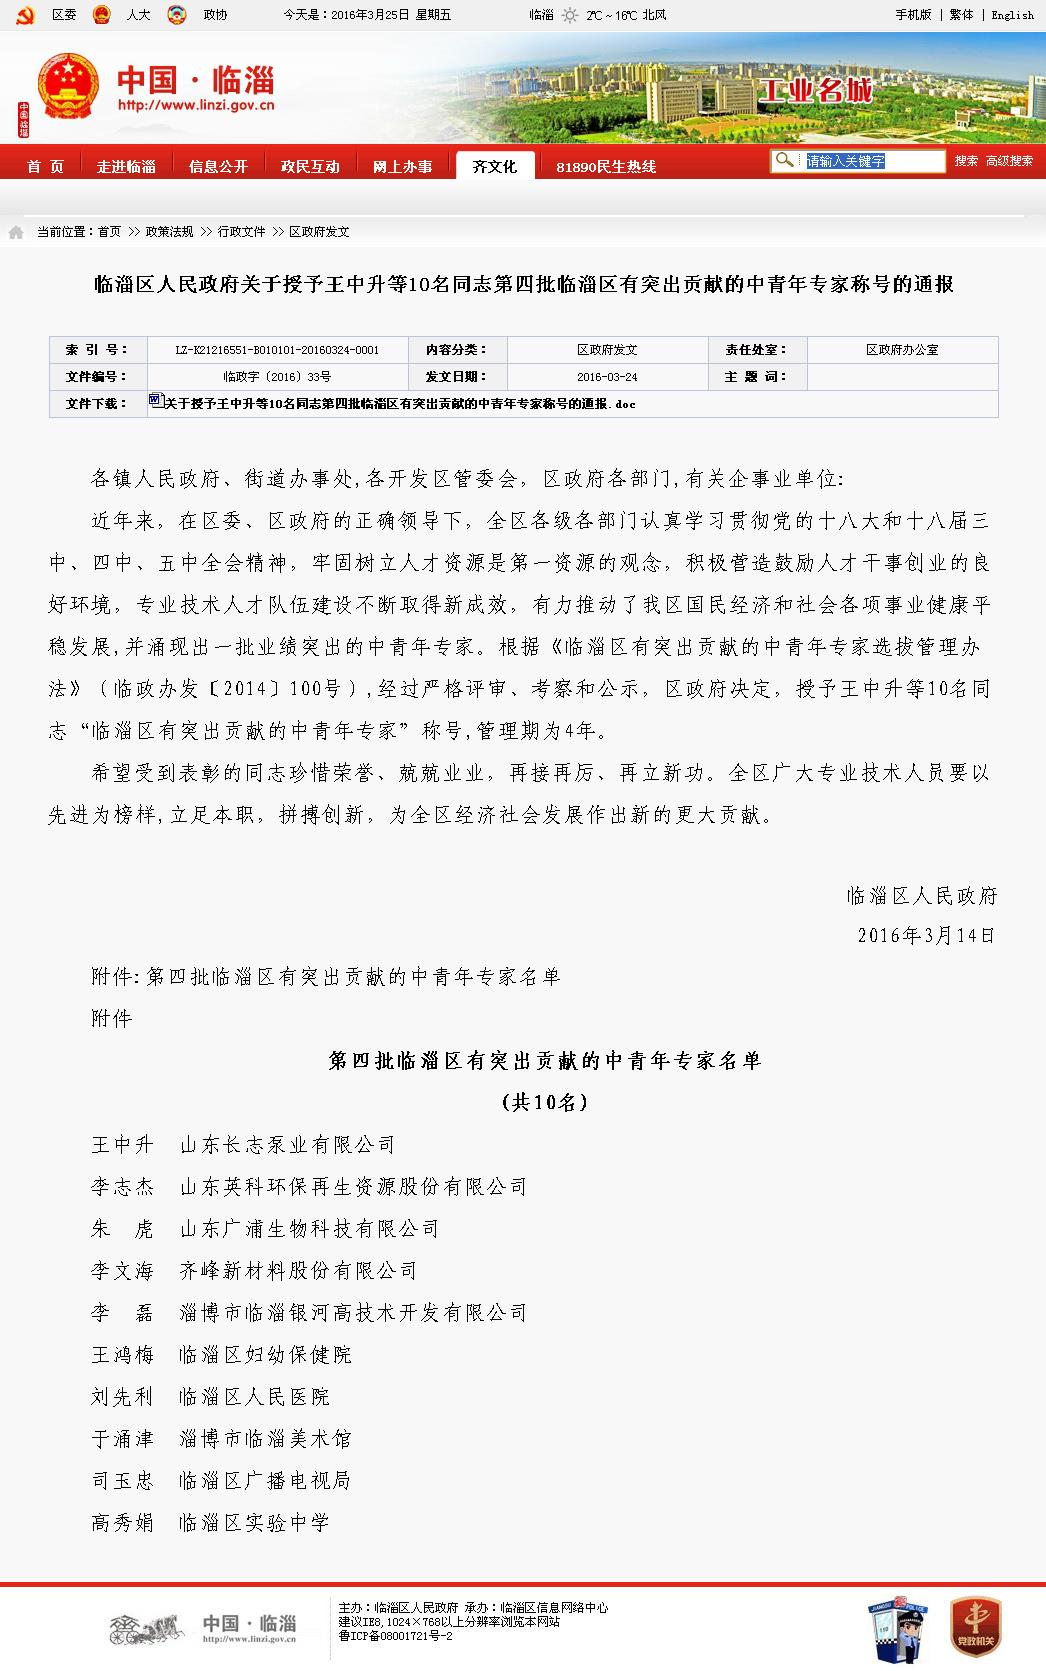 """热烈祝贺李磊总经理荣获""""临淄区有突出贡献的中青年专家""""称号。"""